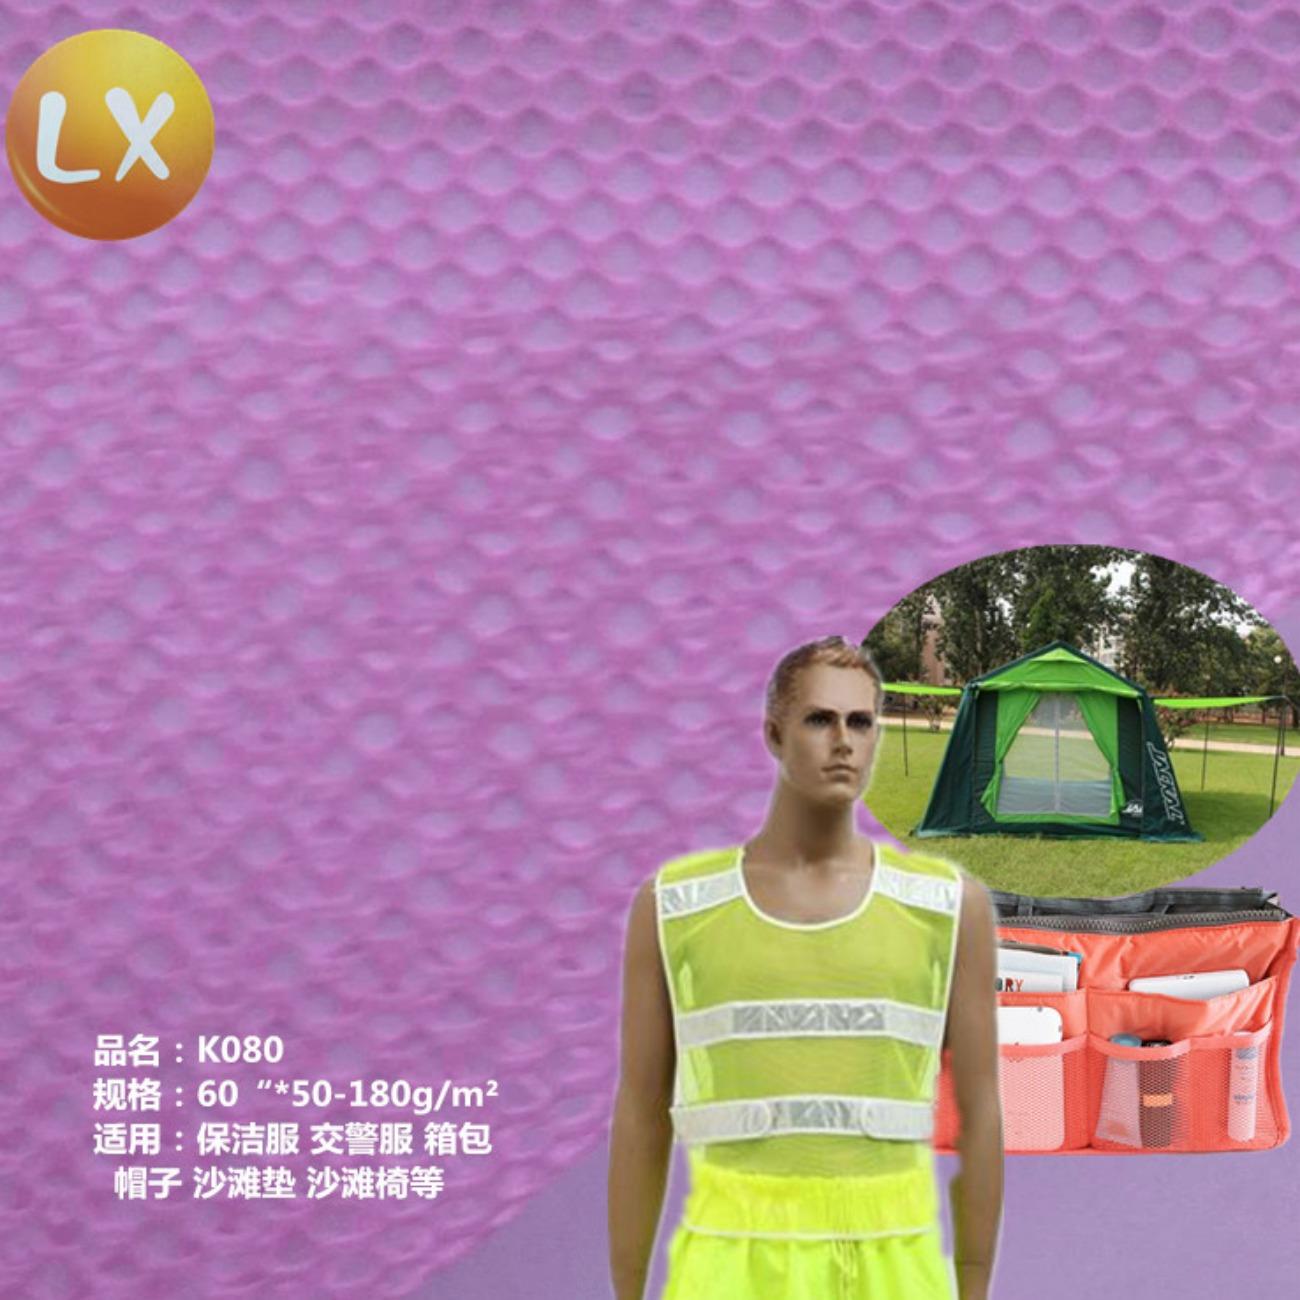 优质经编网布箱包里布沙滩垫洗衣袋面料K080